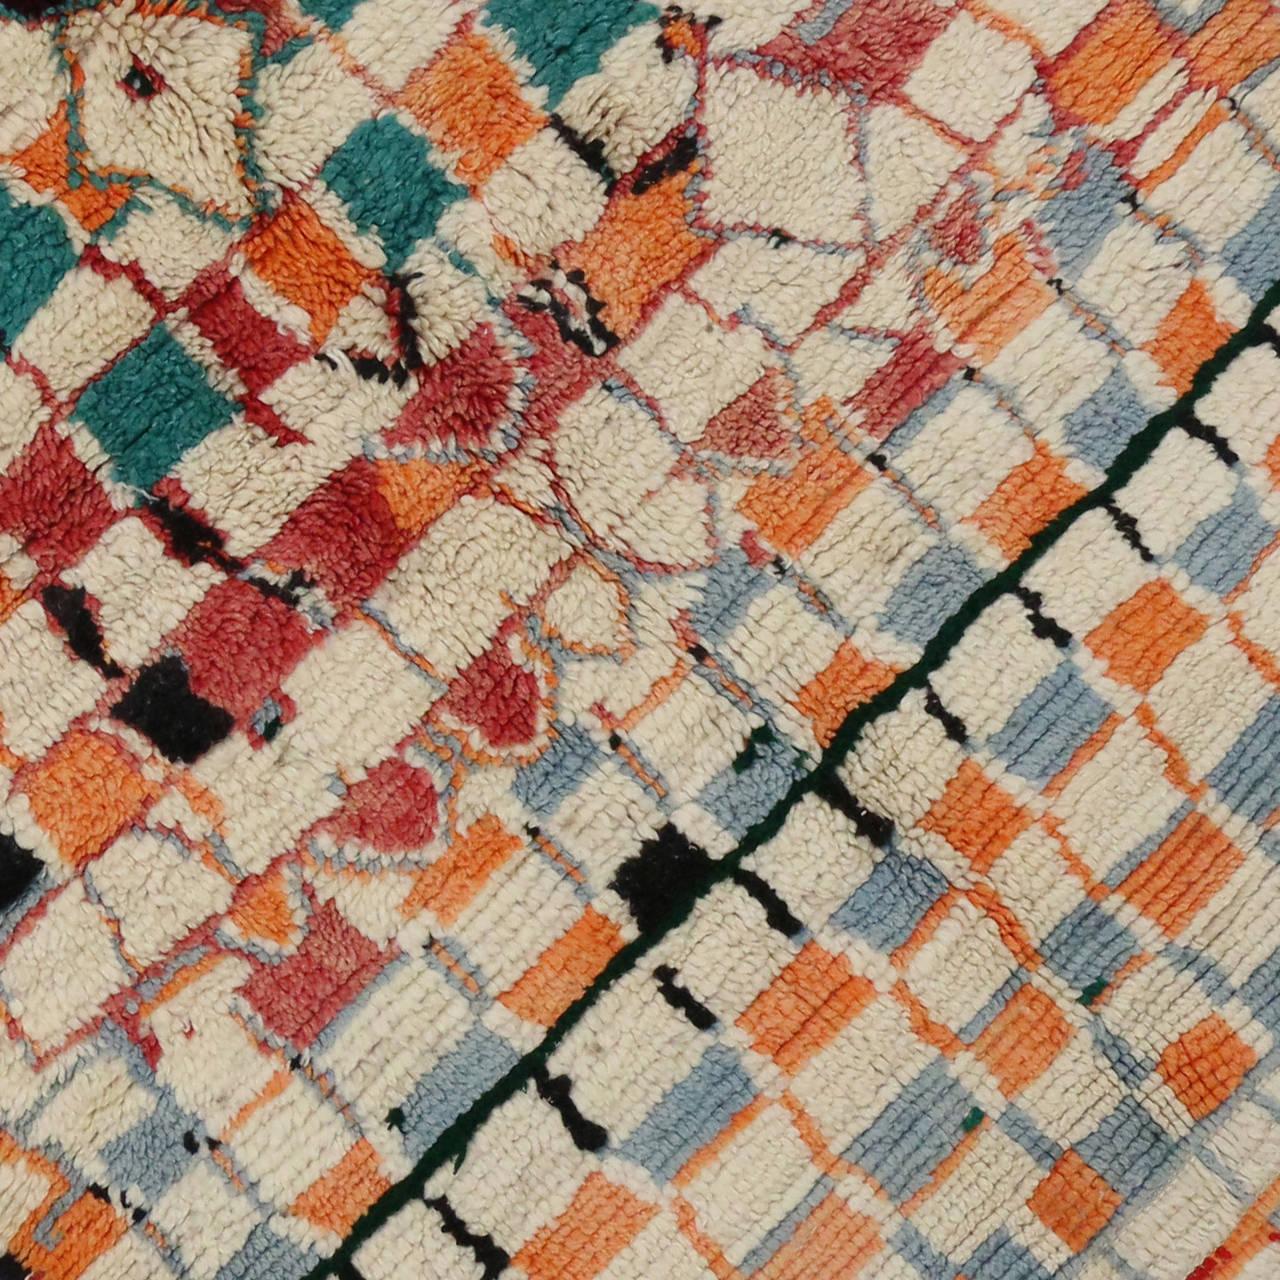 Vintage Berber Moroccan Rug For Sale At 1stdibs